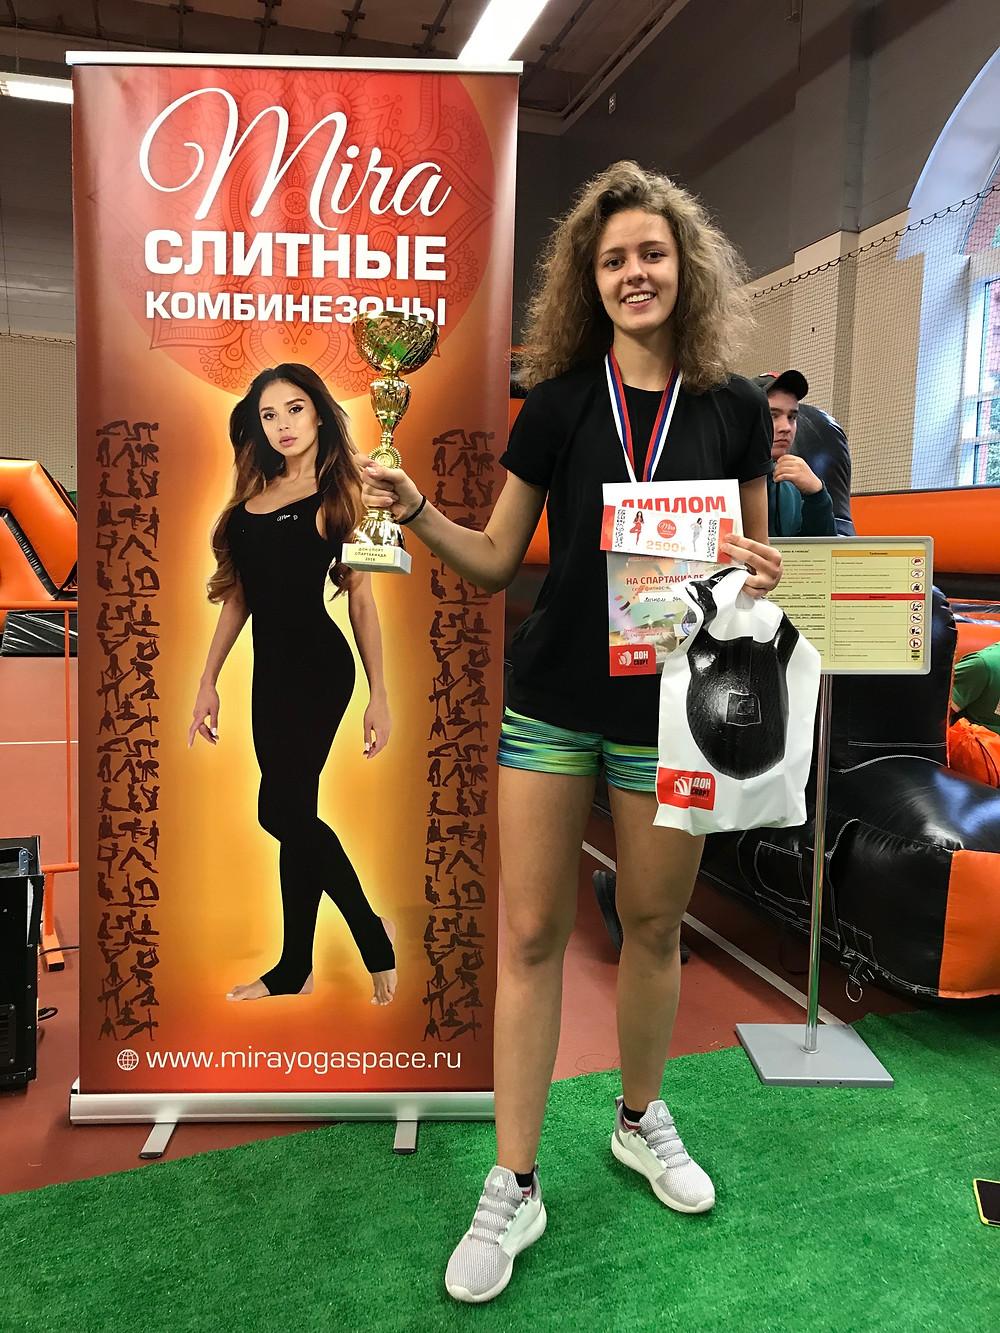 слитный комбинезон для спорта и победительница спартакиады